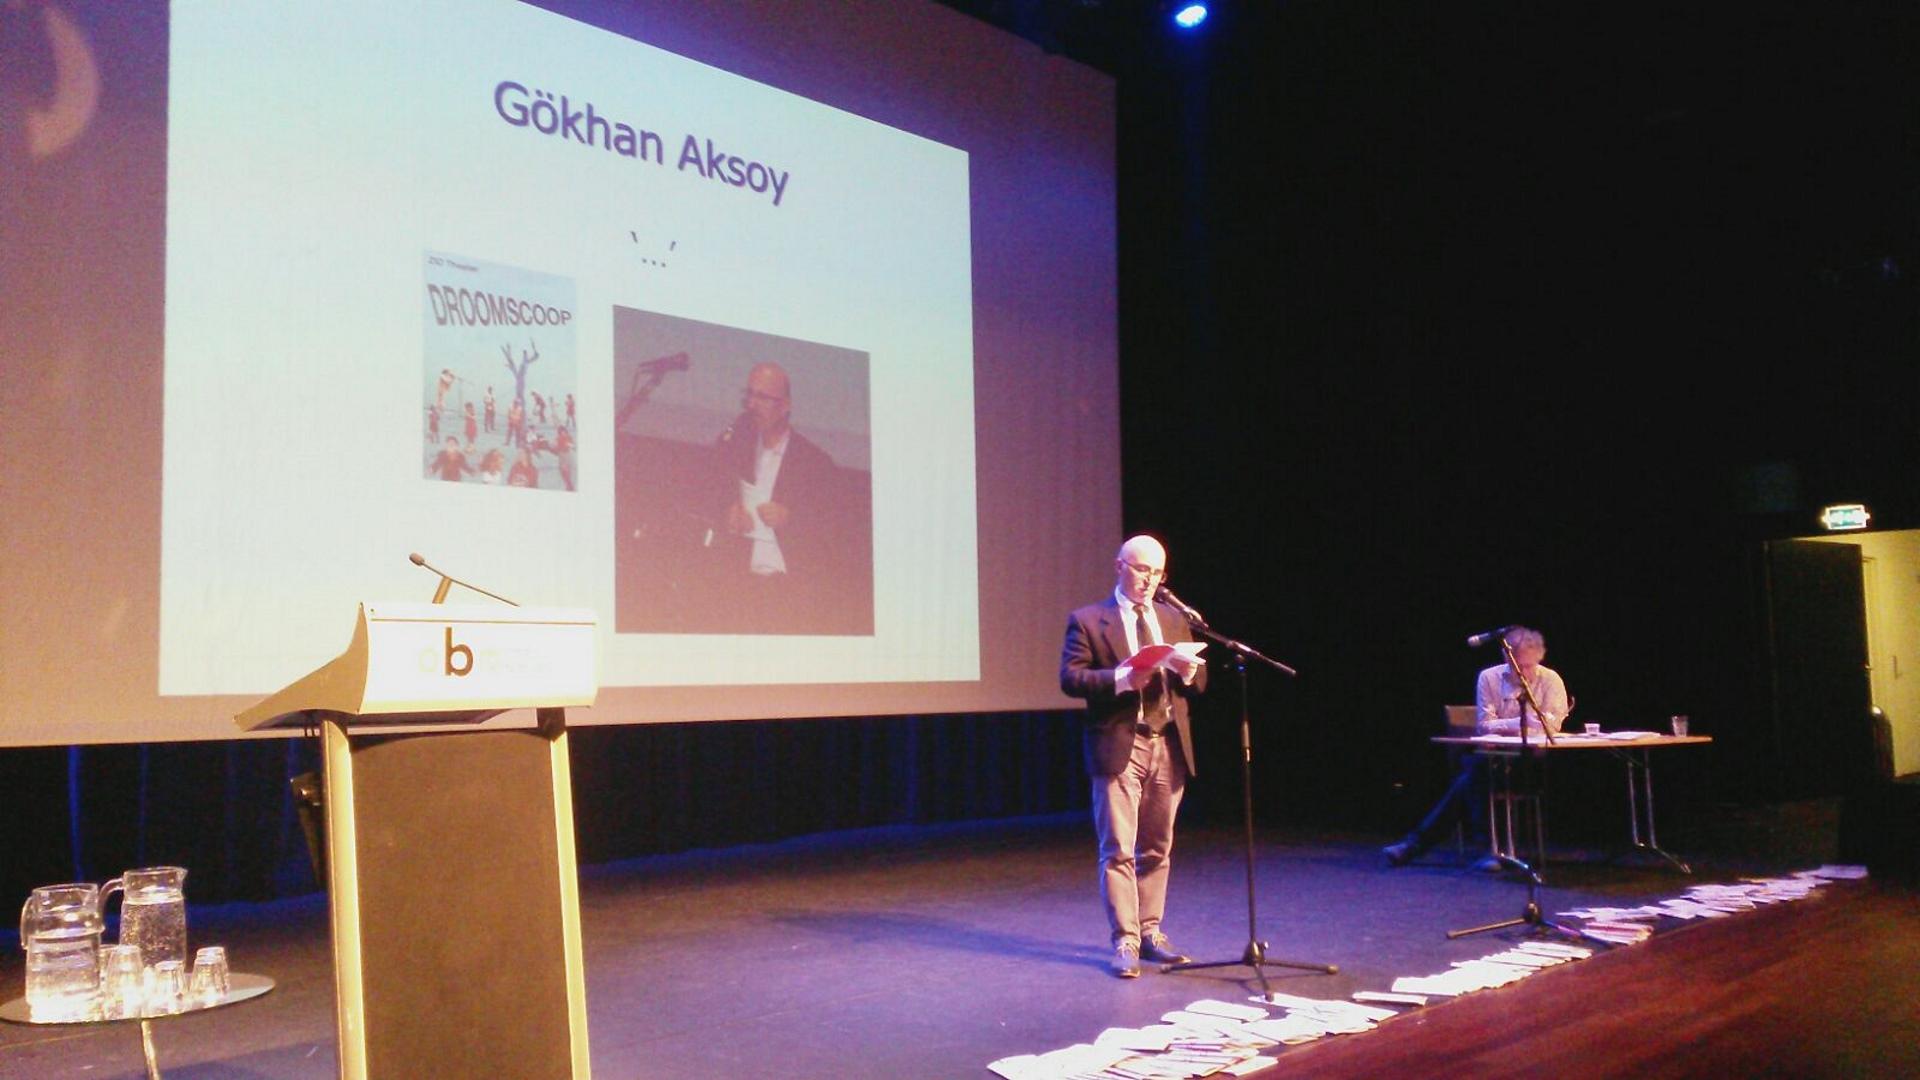 Gokhan Aksoy, huisdichter van het Huis der Letteren